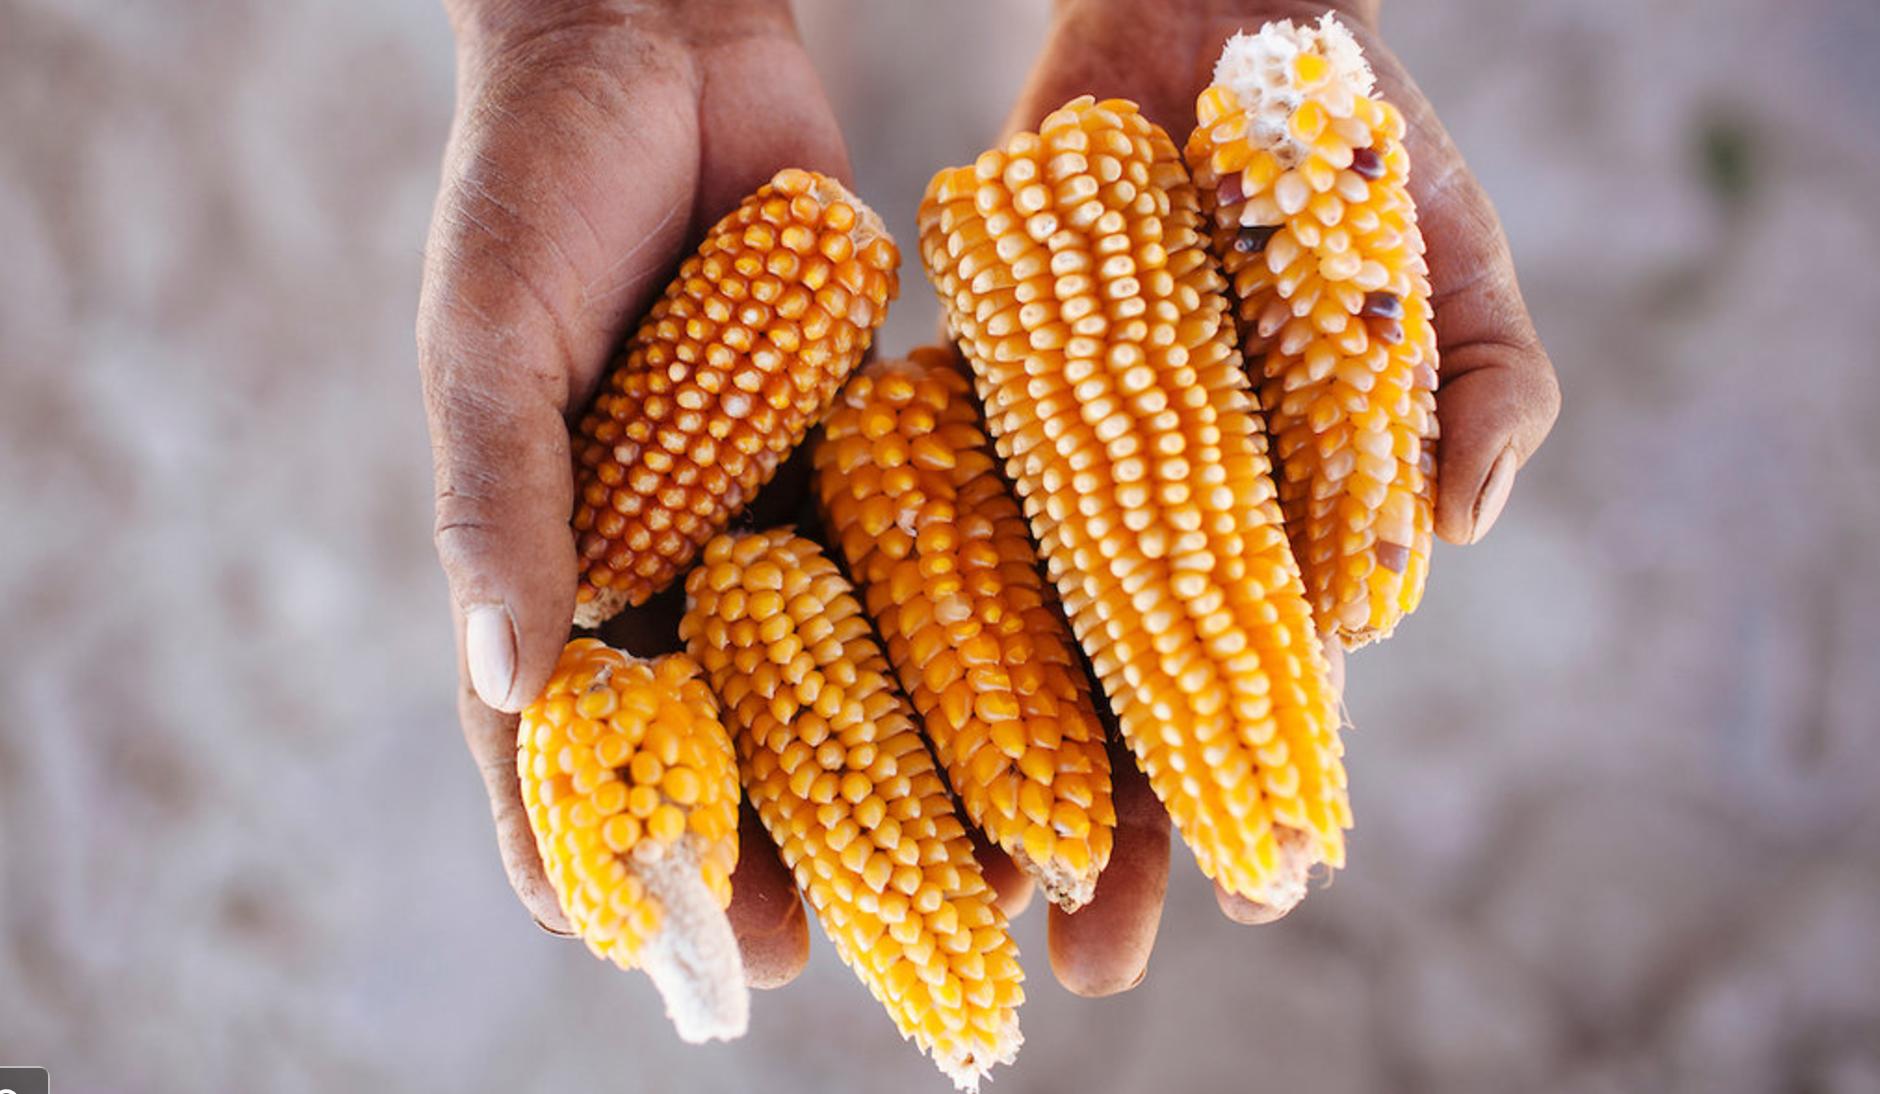 New York Times en español: La crisis entre México y Estados Unidos, ¿una nueva oportunidad para el maíz mexicano?